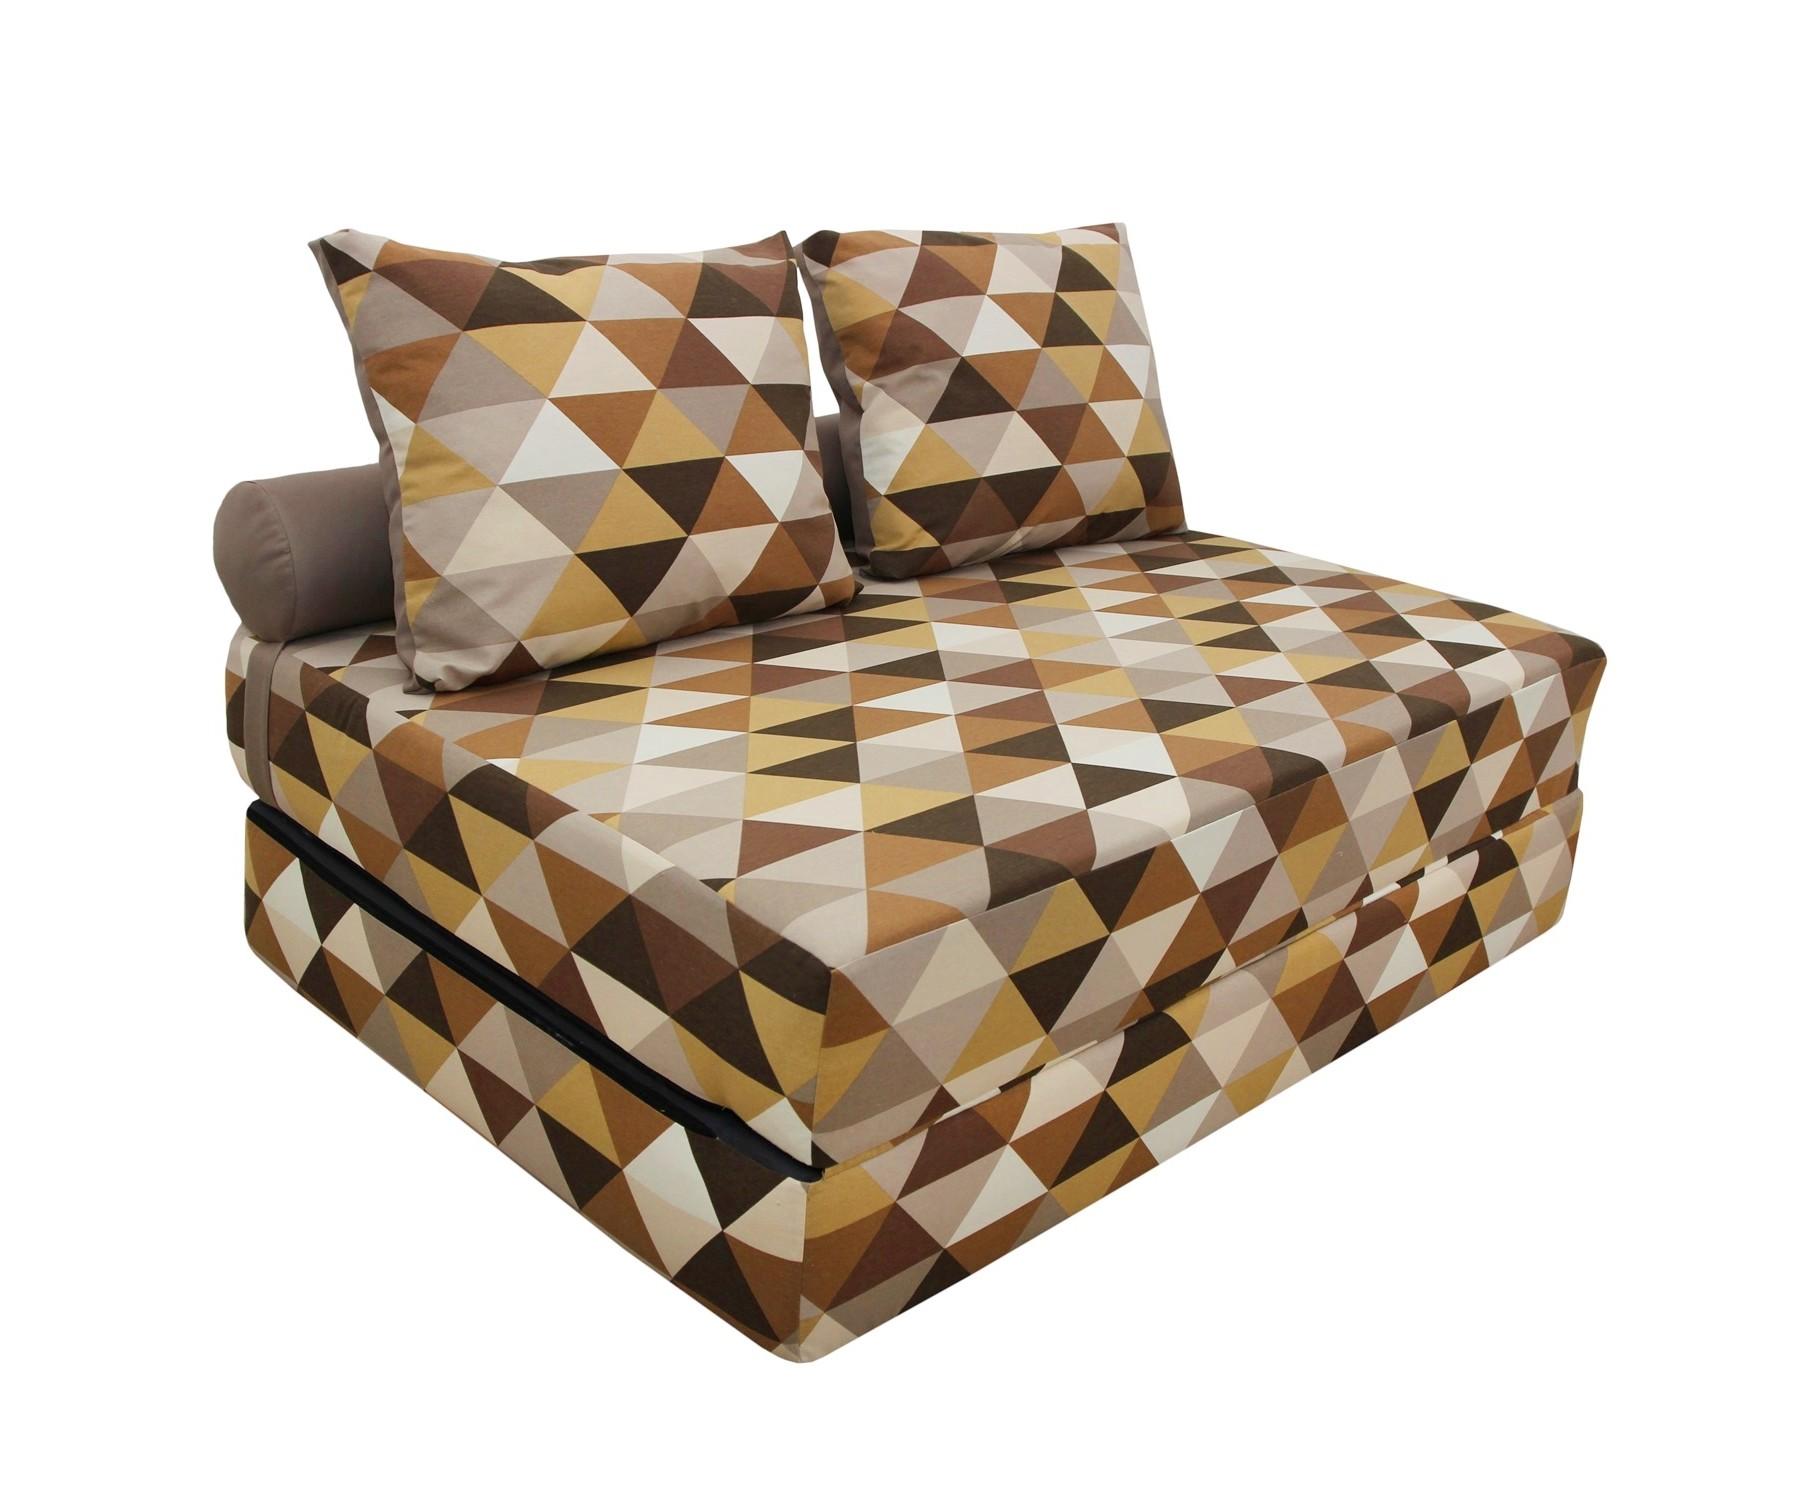 Диван-кроватьПрямые раскладные диваны<br>Уникальный дизайнерский диван-кровать  станет неотъемлемой частью вашего отдыха. Идеальное решение для интерьеров в стиле Лофт и небольших комнат! Съёмный чехол можно постирать в машине или заменить на новый! А его жесткость оптимальна для полноценного сна! Оригинальный дизайн и эксклюзивный принт создадут комфорт и уют в вашем доме.&amp;amp;nbsp;&amp;lt;div&amp;gt;&amp;lt;br&amp;gt;&amp;lt;/div&amp;gt;&amp;lt;div&amp;gt;В разобранном виде 140х20х200, валик d20х140, 2 подушки 50х70 см.&amp;lt;/div&amp;gt;<br><br>Material: Текстиль<br>Ширина см: 140<br>Высота см: 40<br>Глубина см: 100